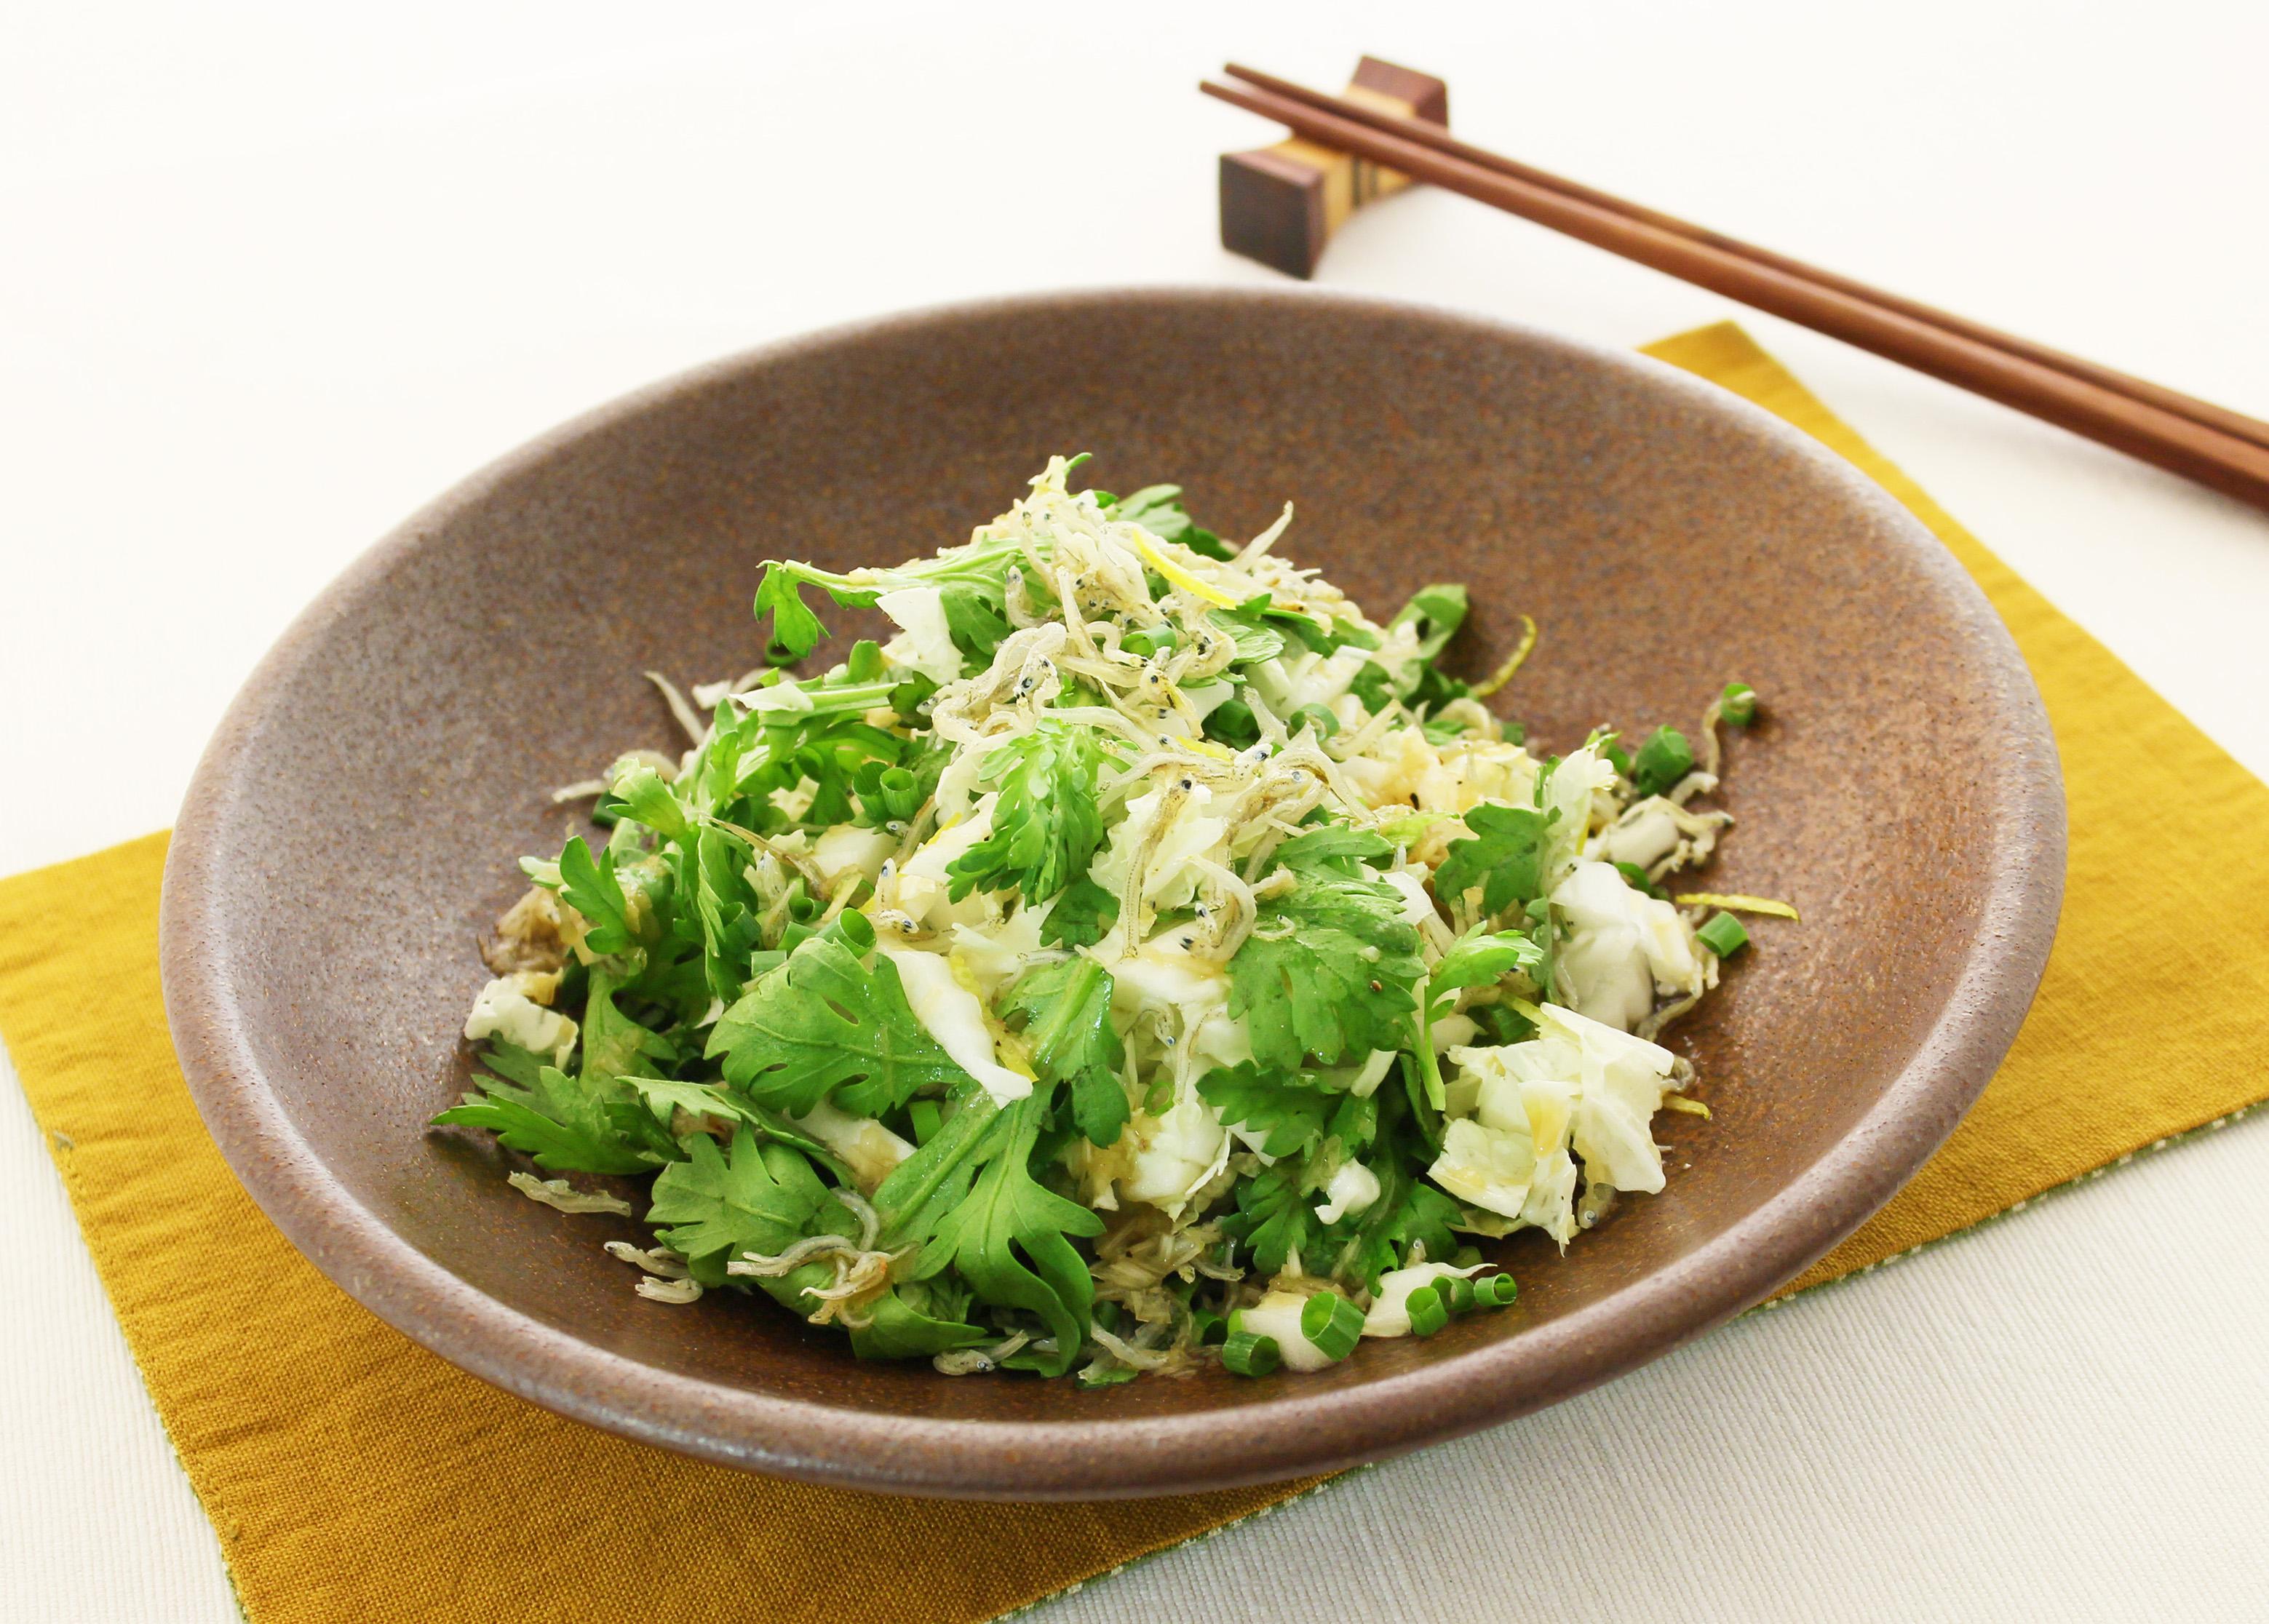 白菜と春菊のじゃこサラダ[サラダカフェ] サラダのレシピがいっぱい!